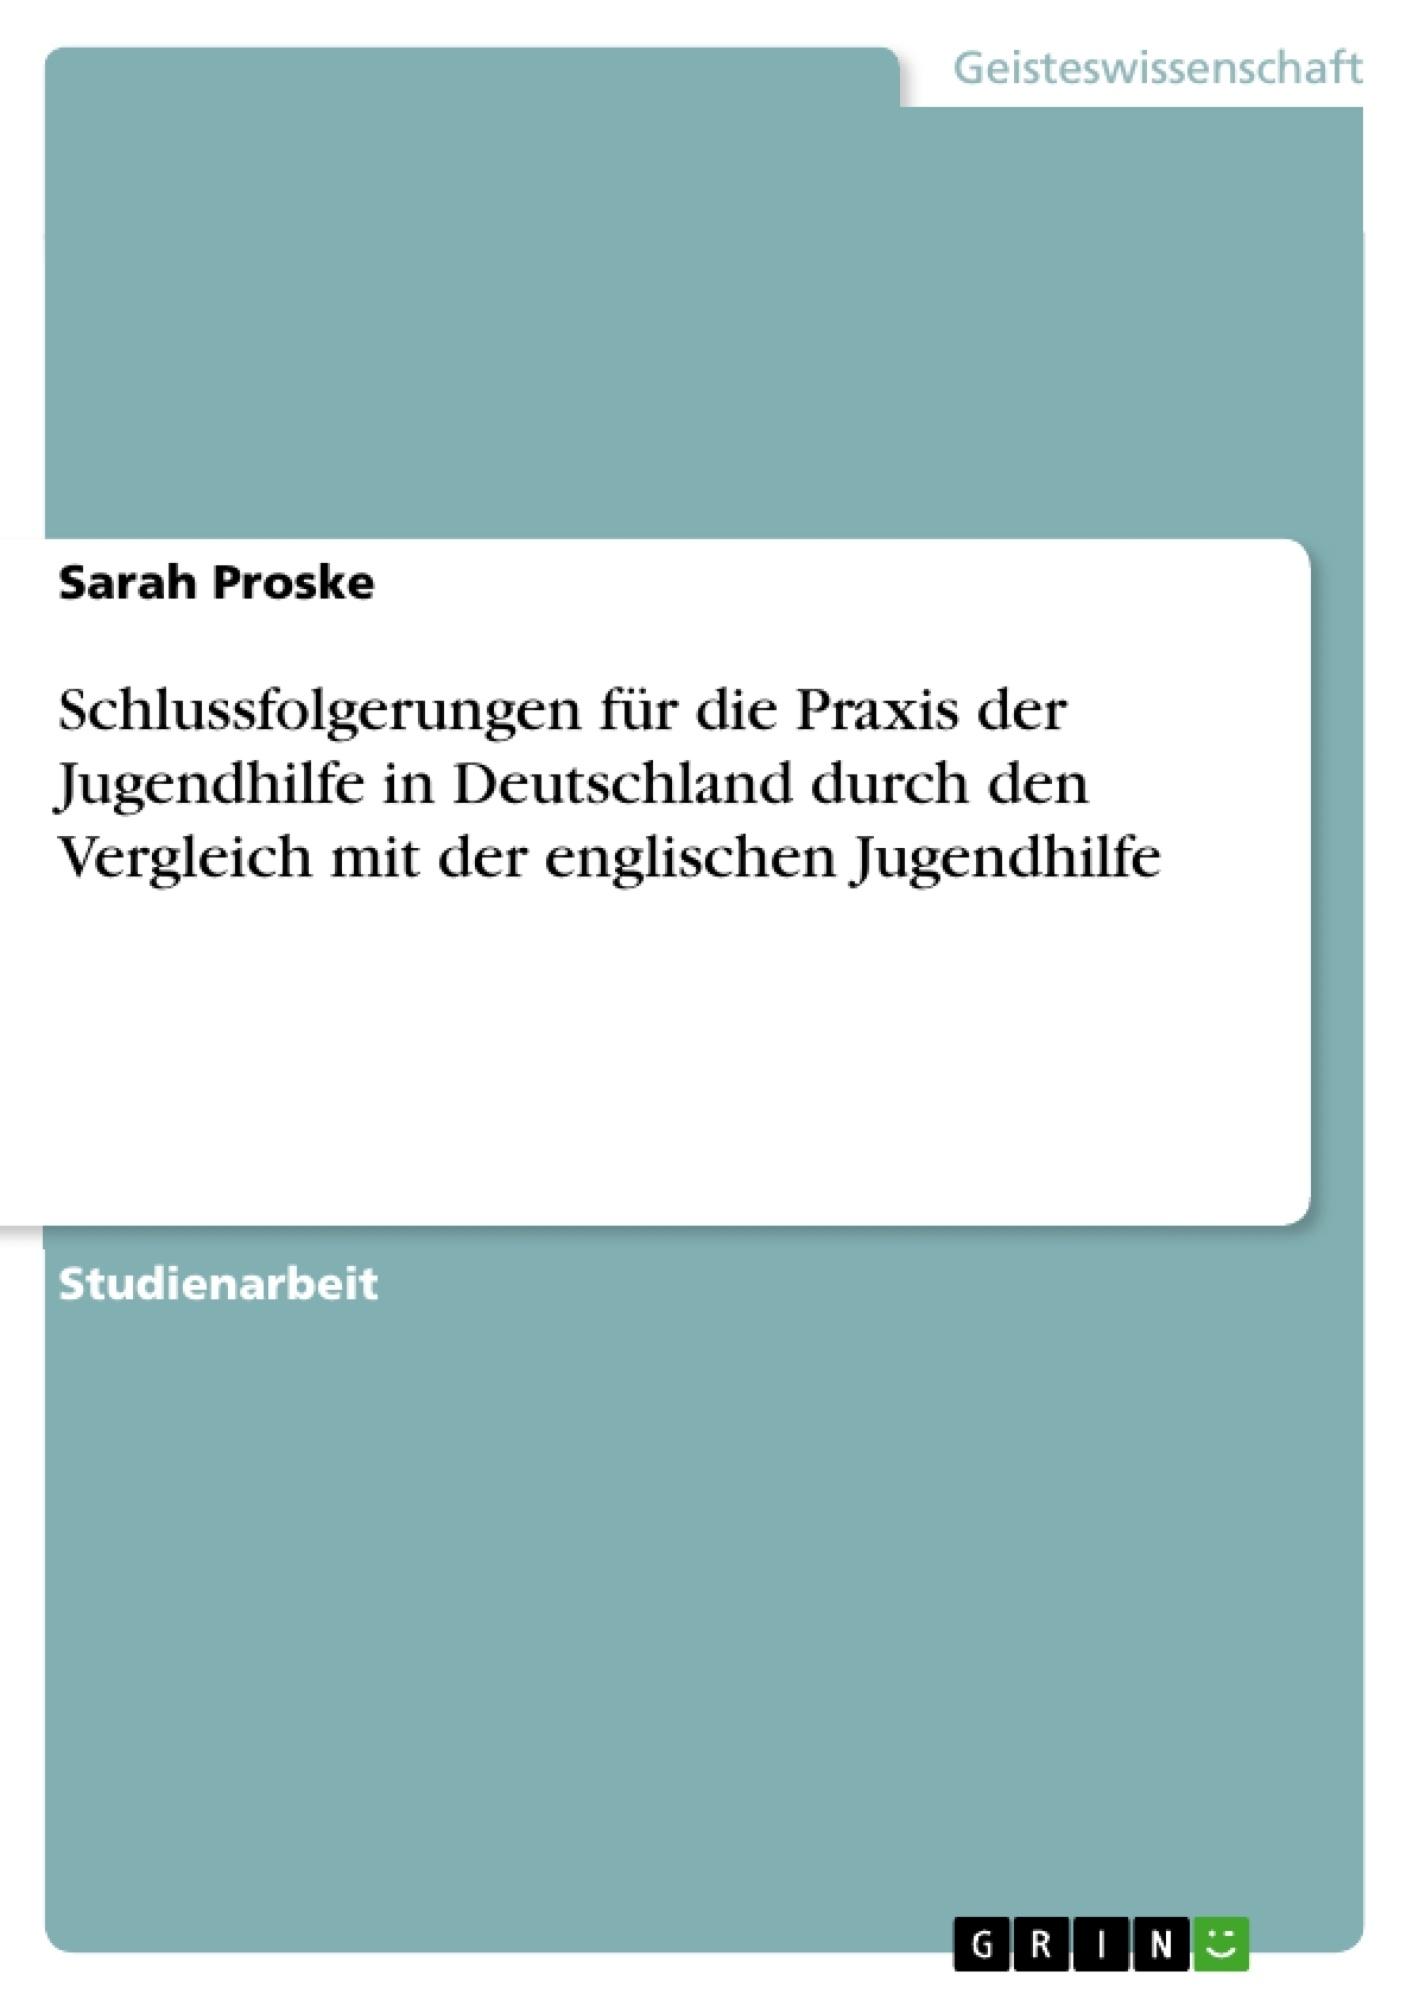 Titel: Schlussfolgerungen für die Praxis der Jugendhilfe in Deutschland durch den Vergleich mit der englischen Jugendhilfe